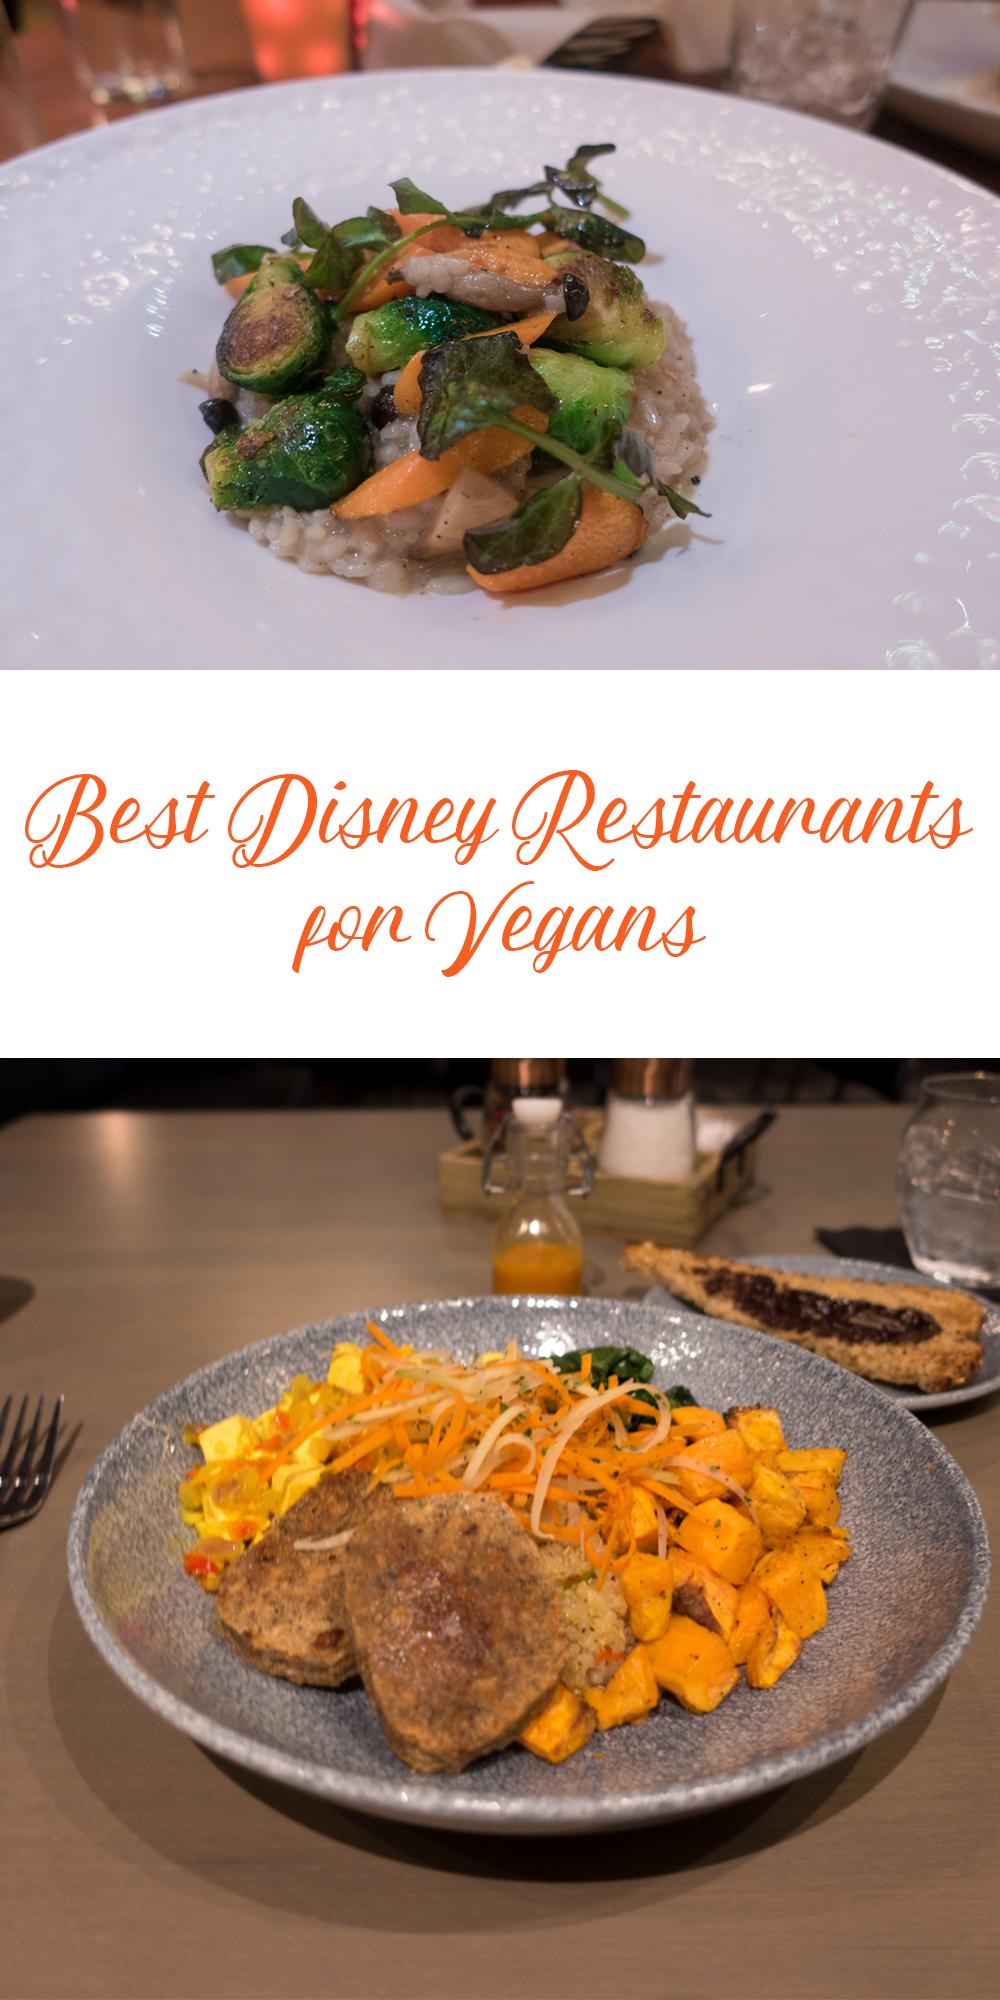 A guide to the Best Disney Restaurants for Vegans. #vegan #disneyworld